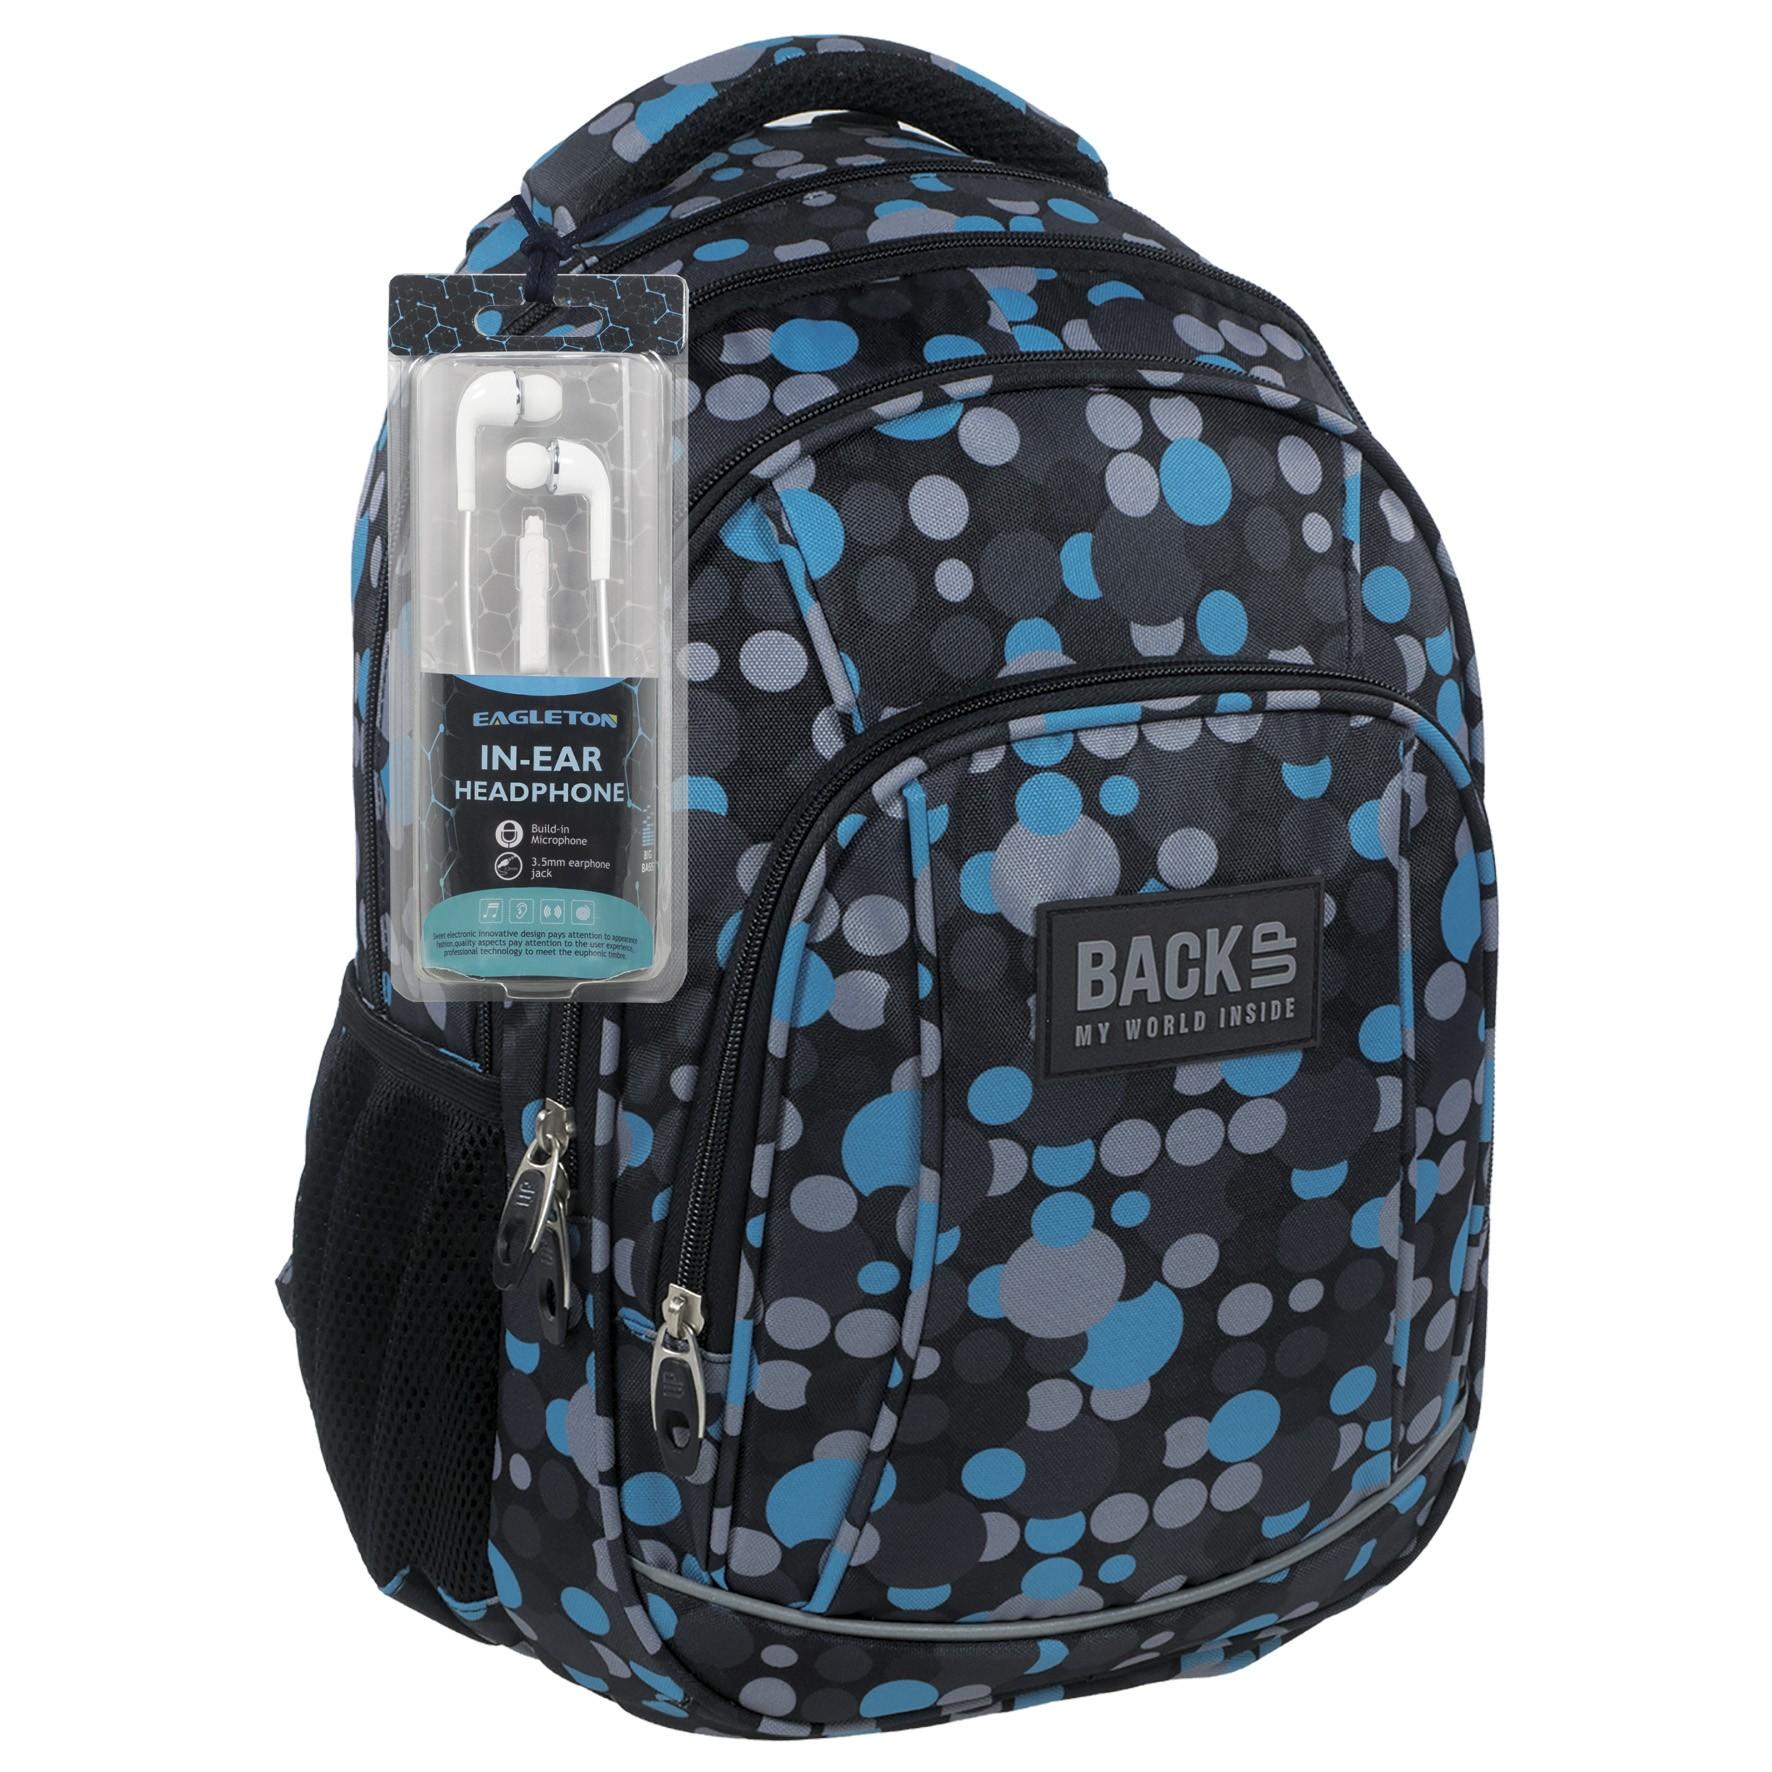 26f14cc06a35f Plecak szkolny BACK UP A 16 szaro-niebieskie kropki dla młodzieży